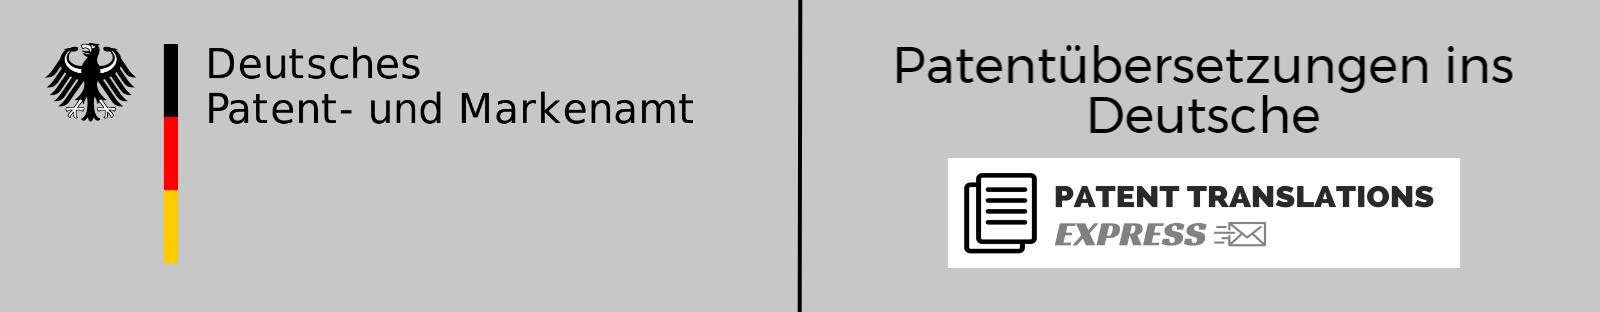 Patentübersetzungen ins Deutsche